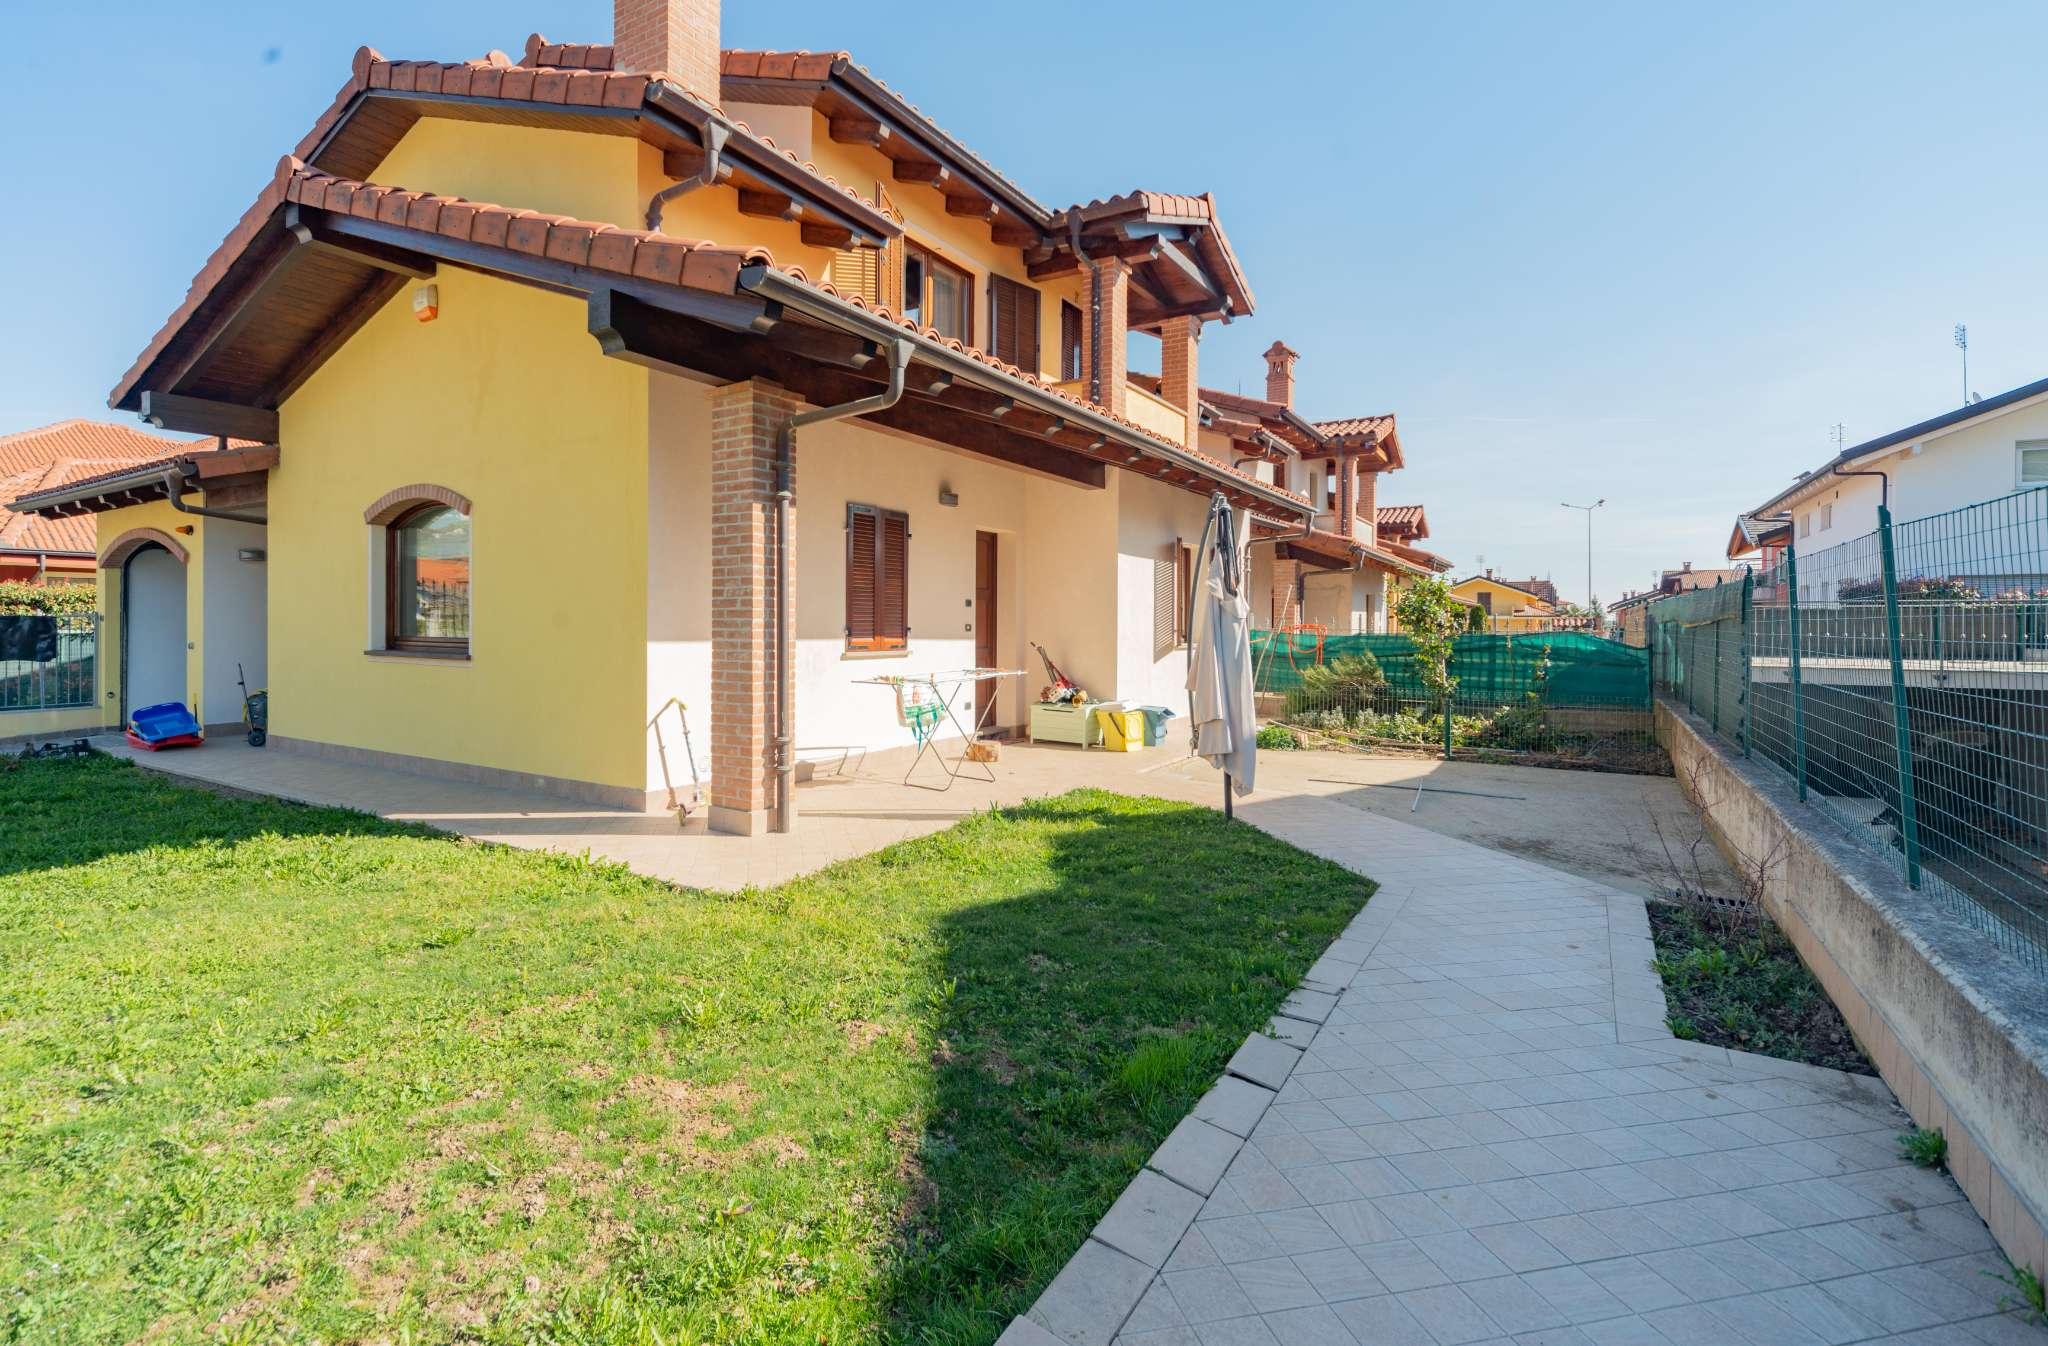 Villa Bifamiliare in vendita a Vignolo, 5 locali, prezzo € 274.000 | PortaleAgenzieImmobiliari.it